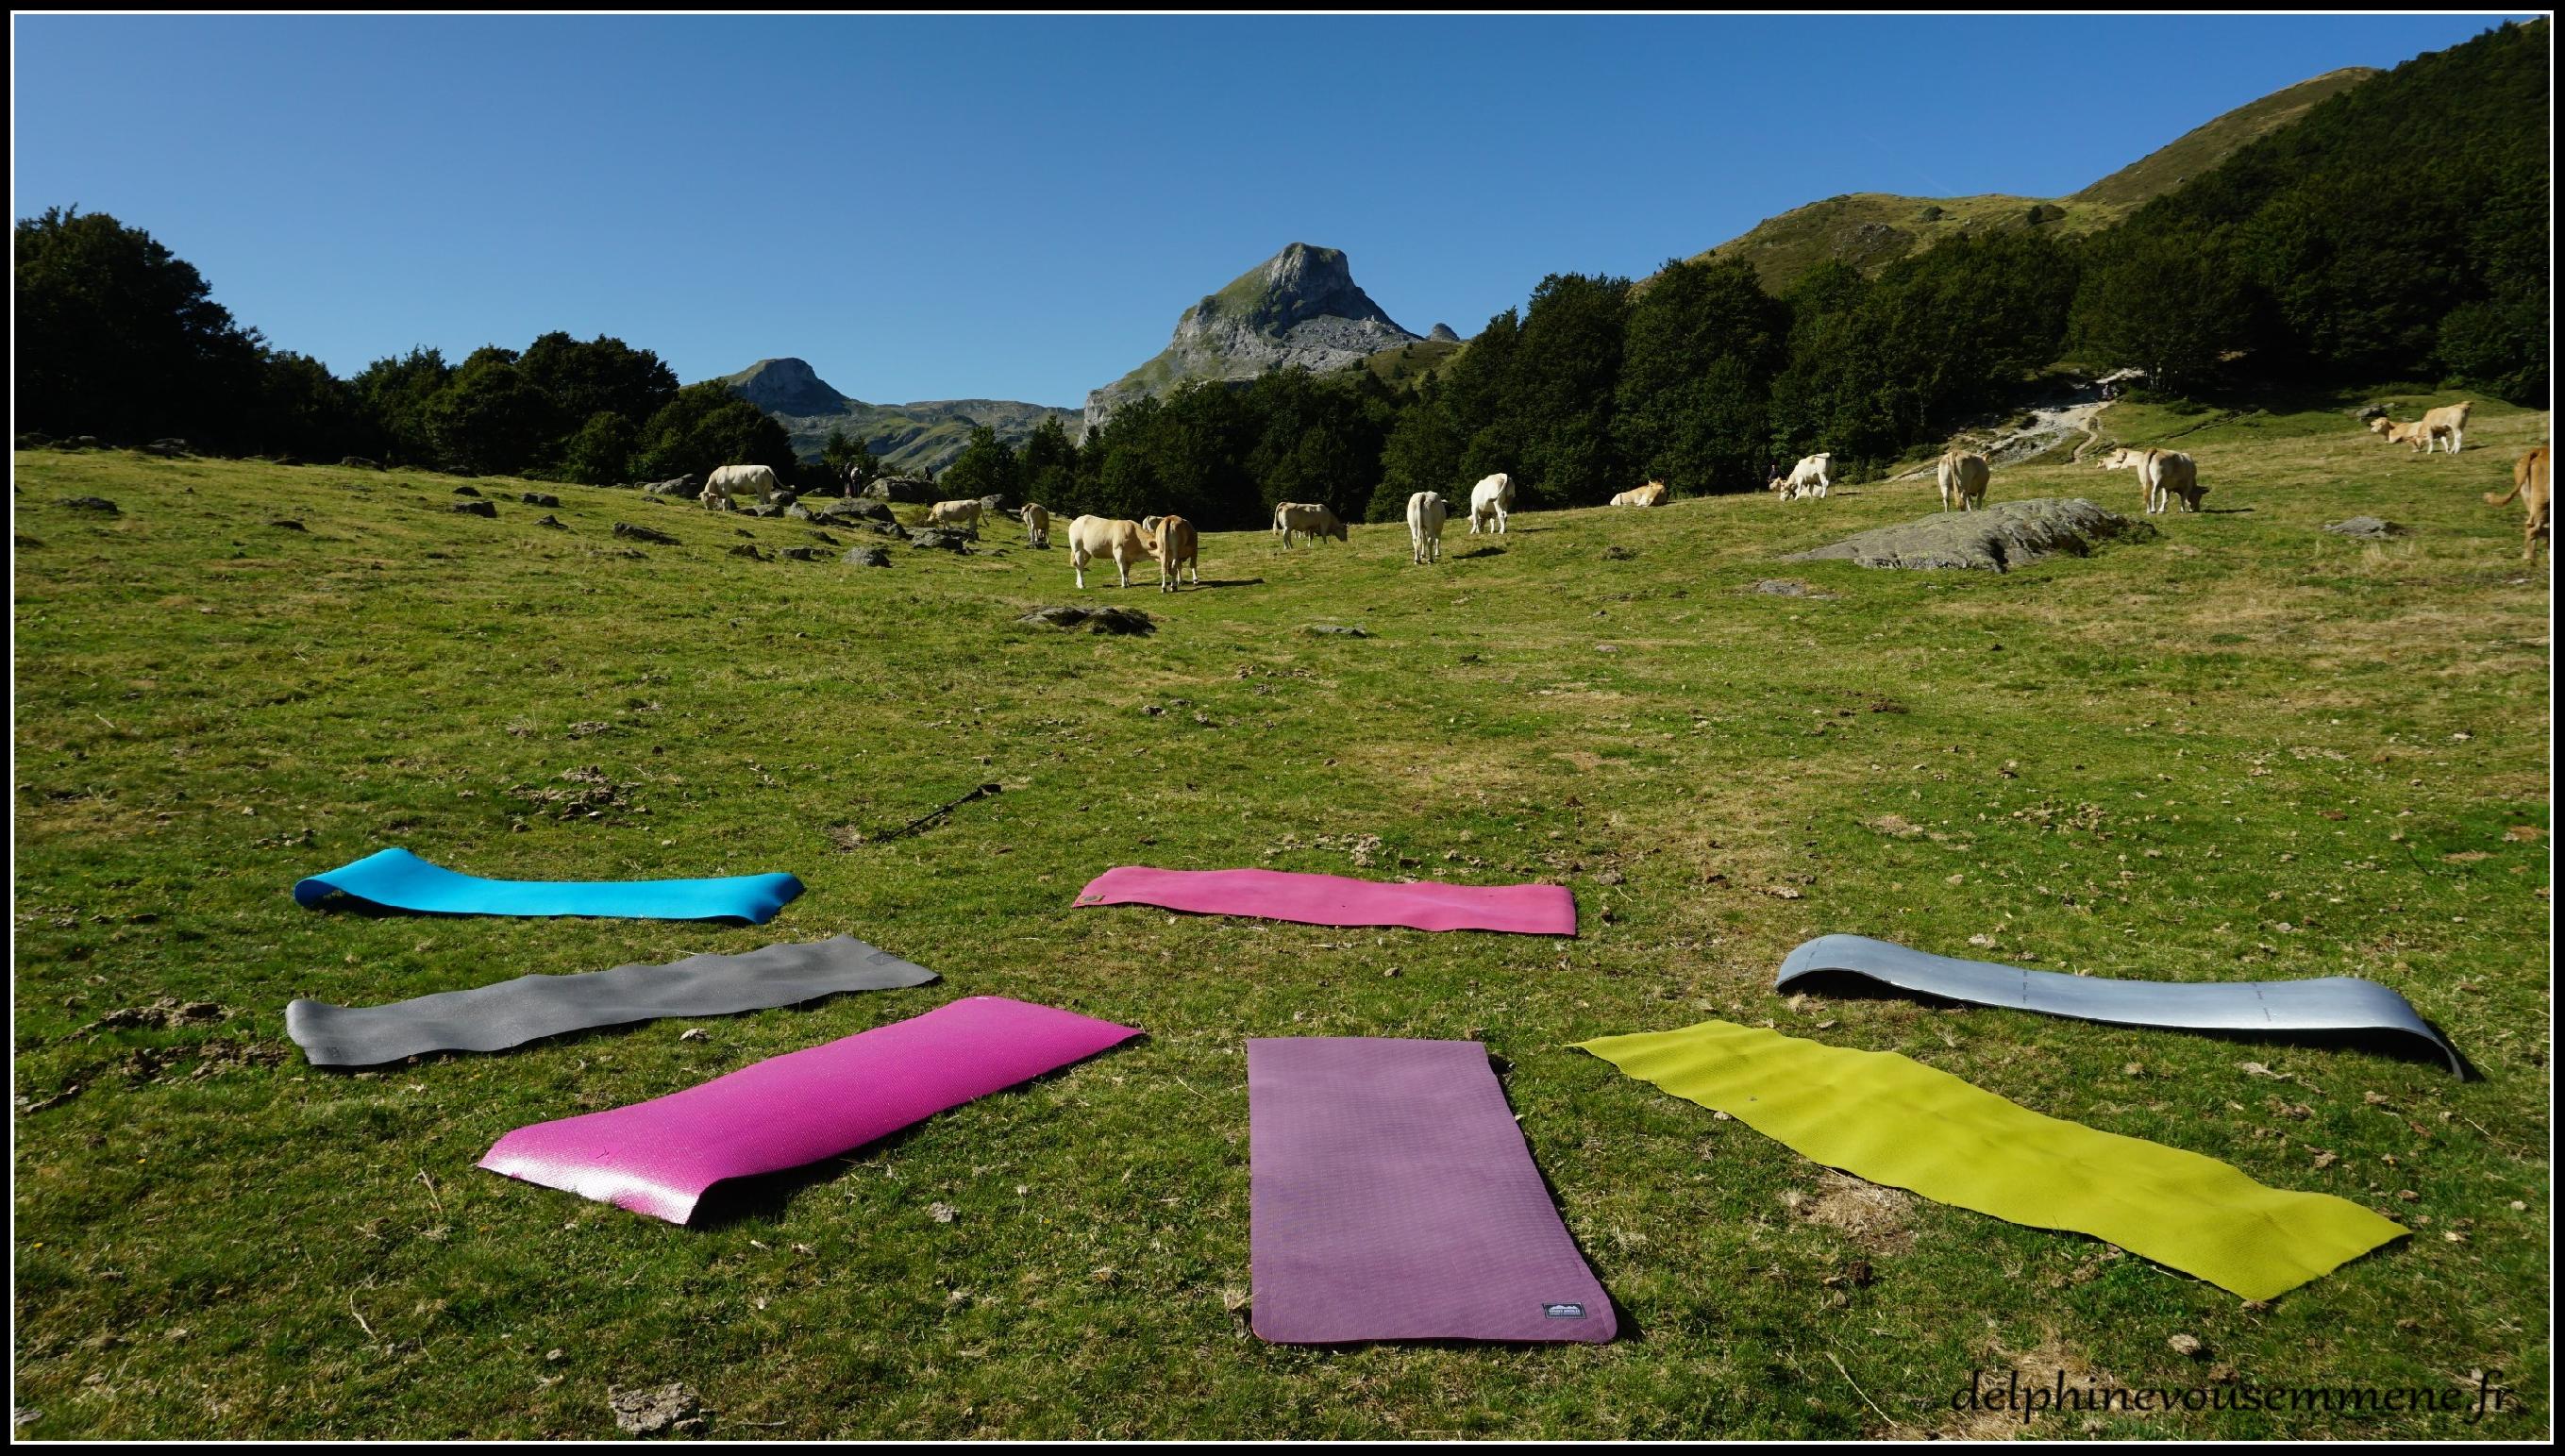 Rando Yoga Bivouac 09/2019